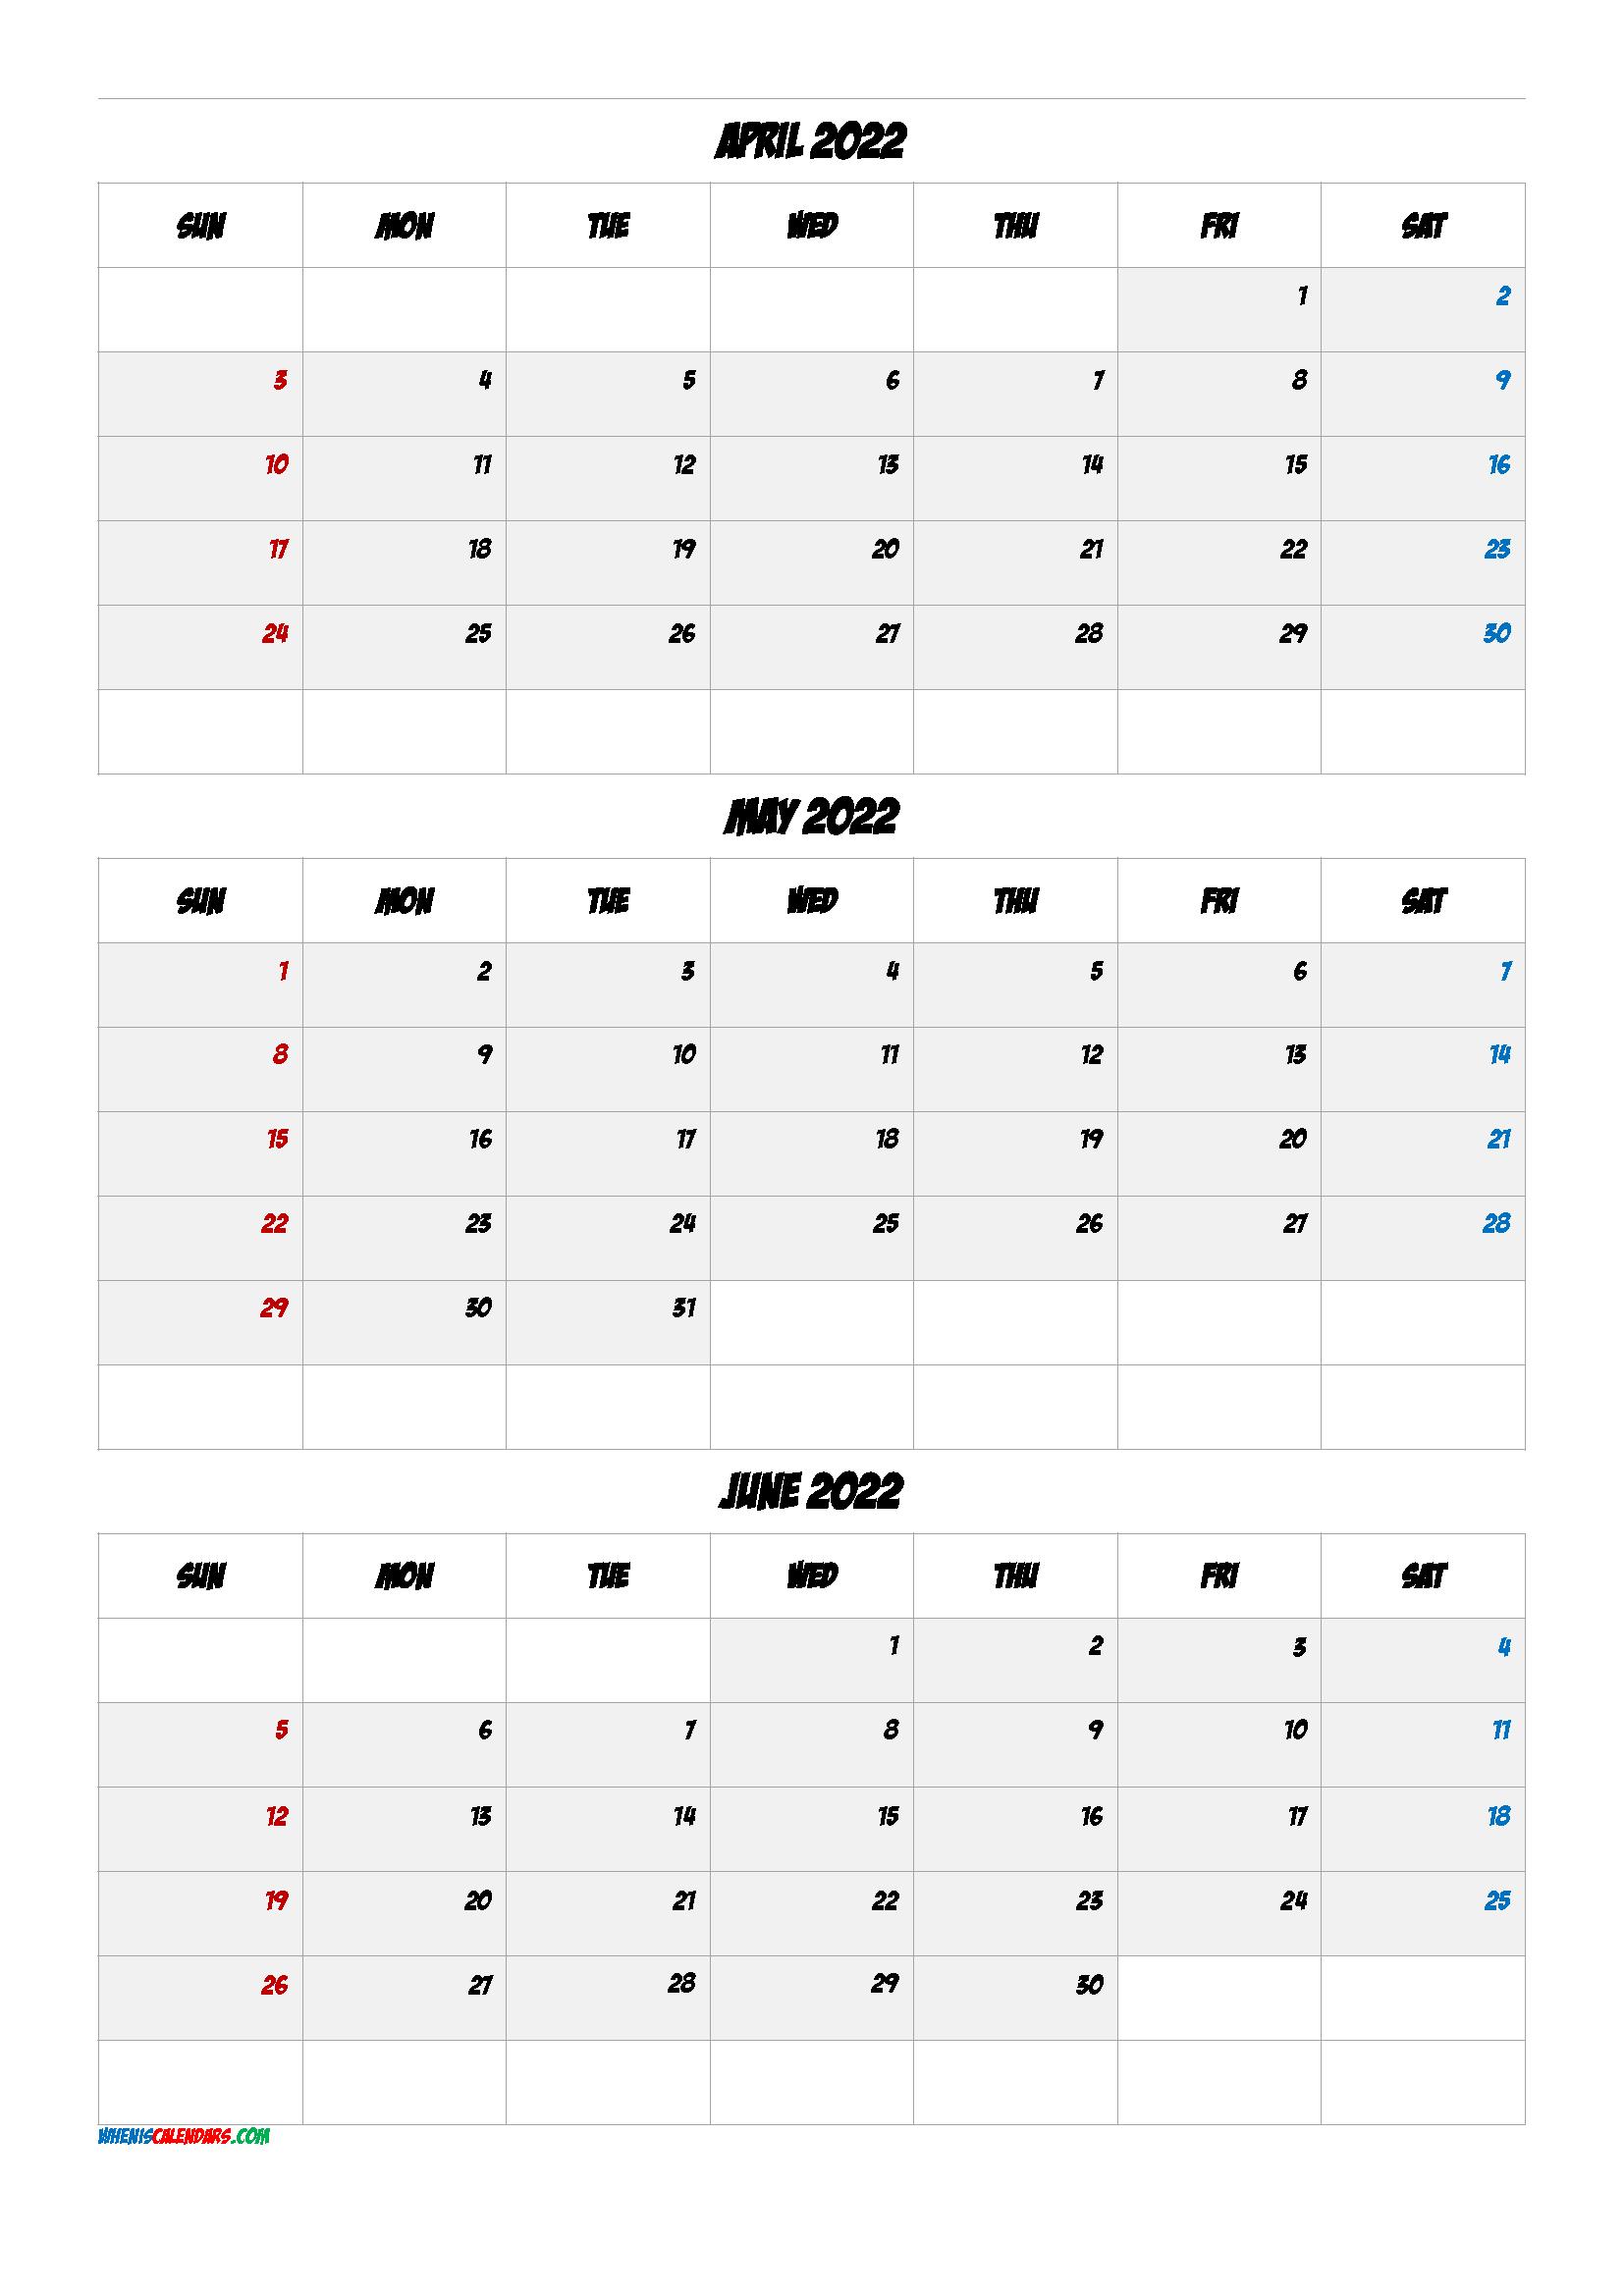 Blank Calendar August 2022 Printable.Printable Calendar April May June 2022 Q1 Q2 Q3 Q4 Printable Calendar July January February March Printable Calendar